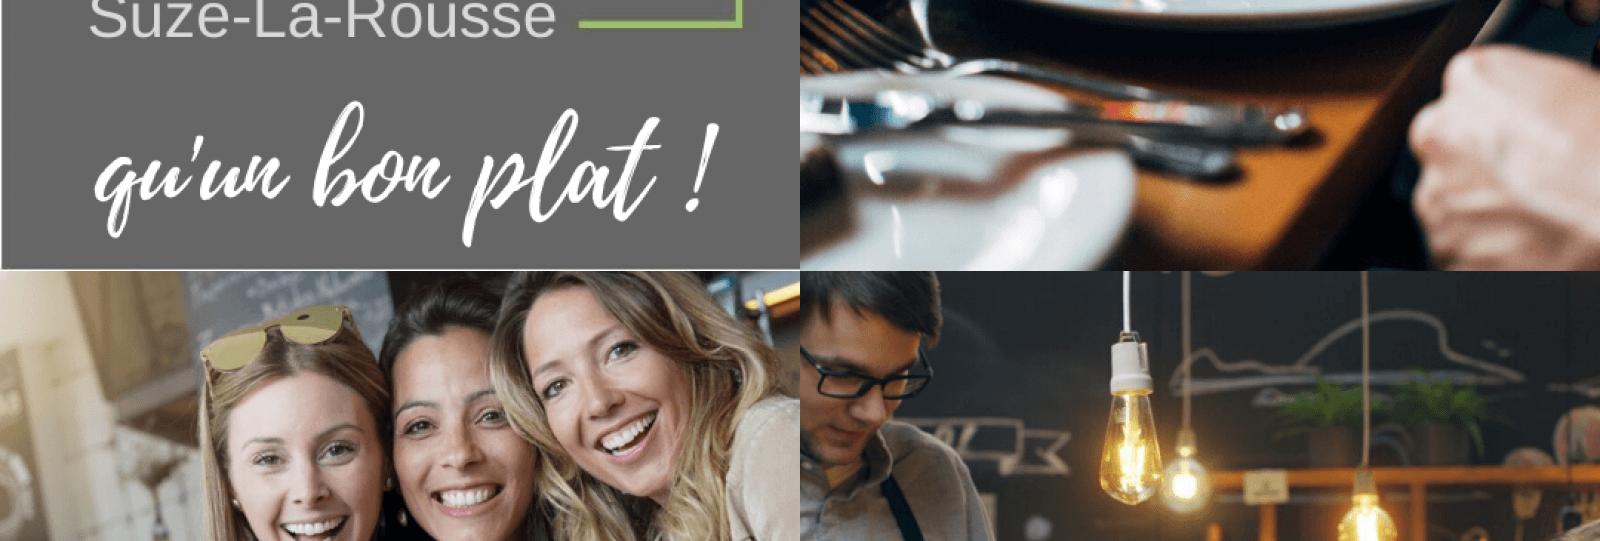 Fermé Temporairement - Restaurant L' Annexe